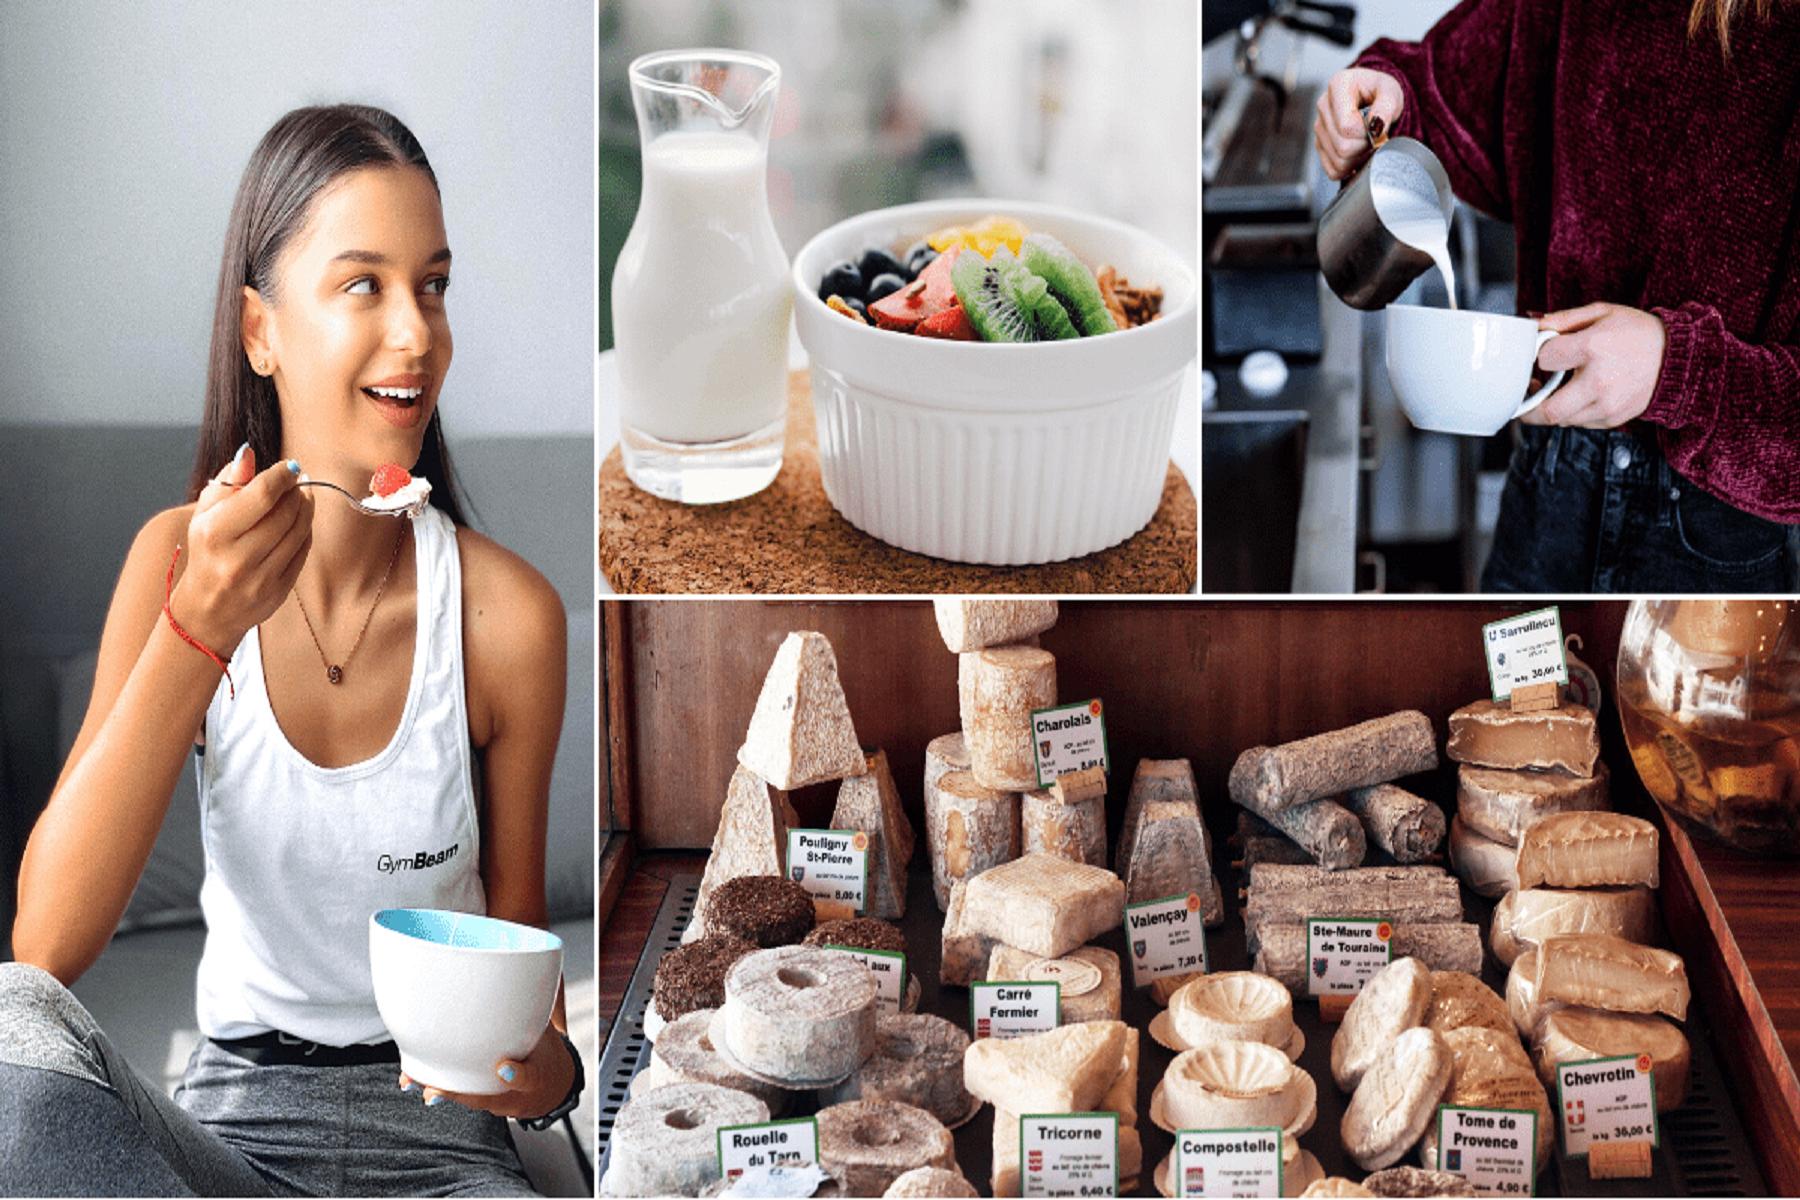 Σουηδία Έρευνα: Διατροφή πλούσια σε γαλακτοκομικά μπορεί να σχετίζεται με χαμηλότερο κίνδυνο καρδιακών παθήσεων